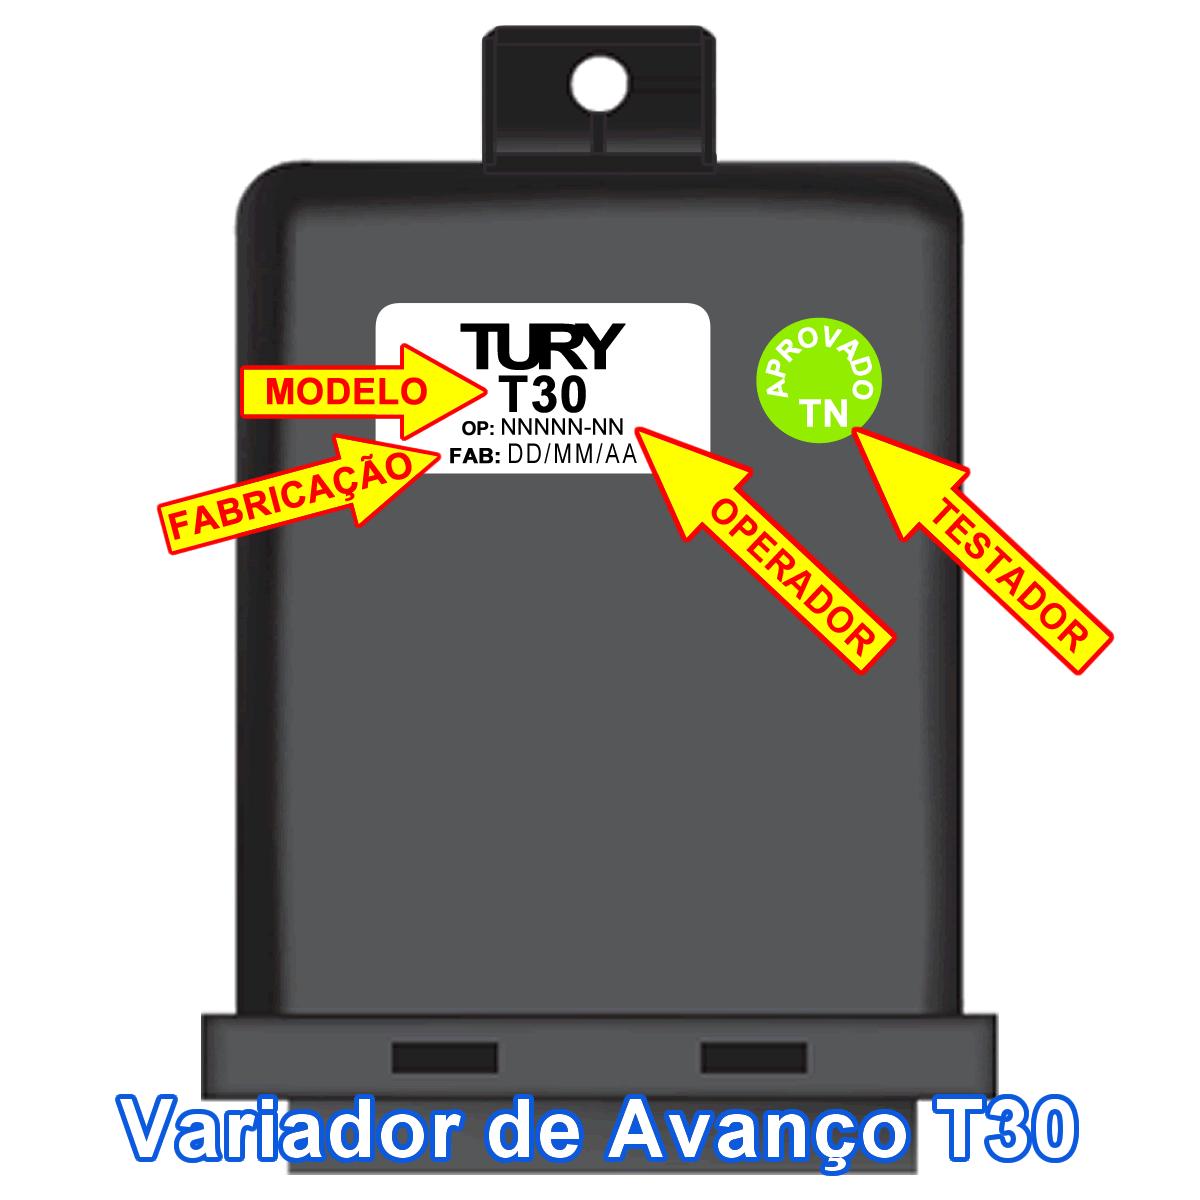 Kit GNV 3ª geração  Landi Renzo FlexTURY c/Variador, Válvulas s/Cilindro e Suporte